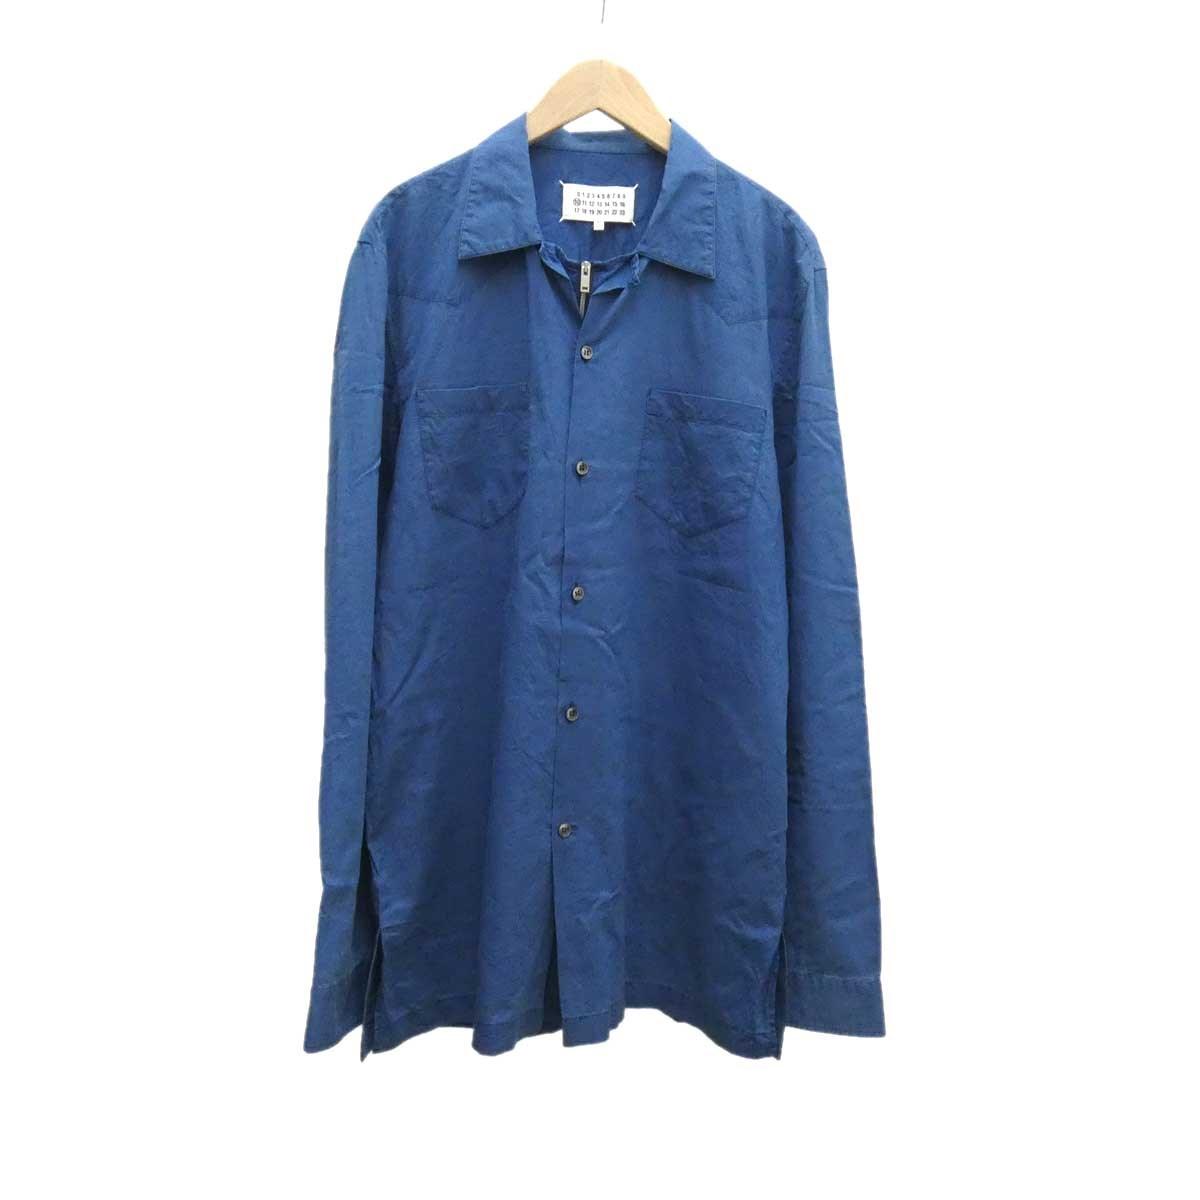 【中古】Martin Margiela 10 ハーフジップシャツ 【369355】 【KIND1884】